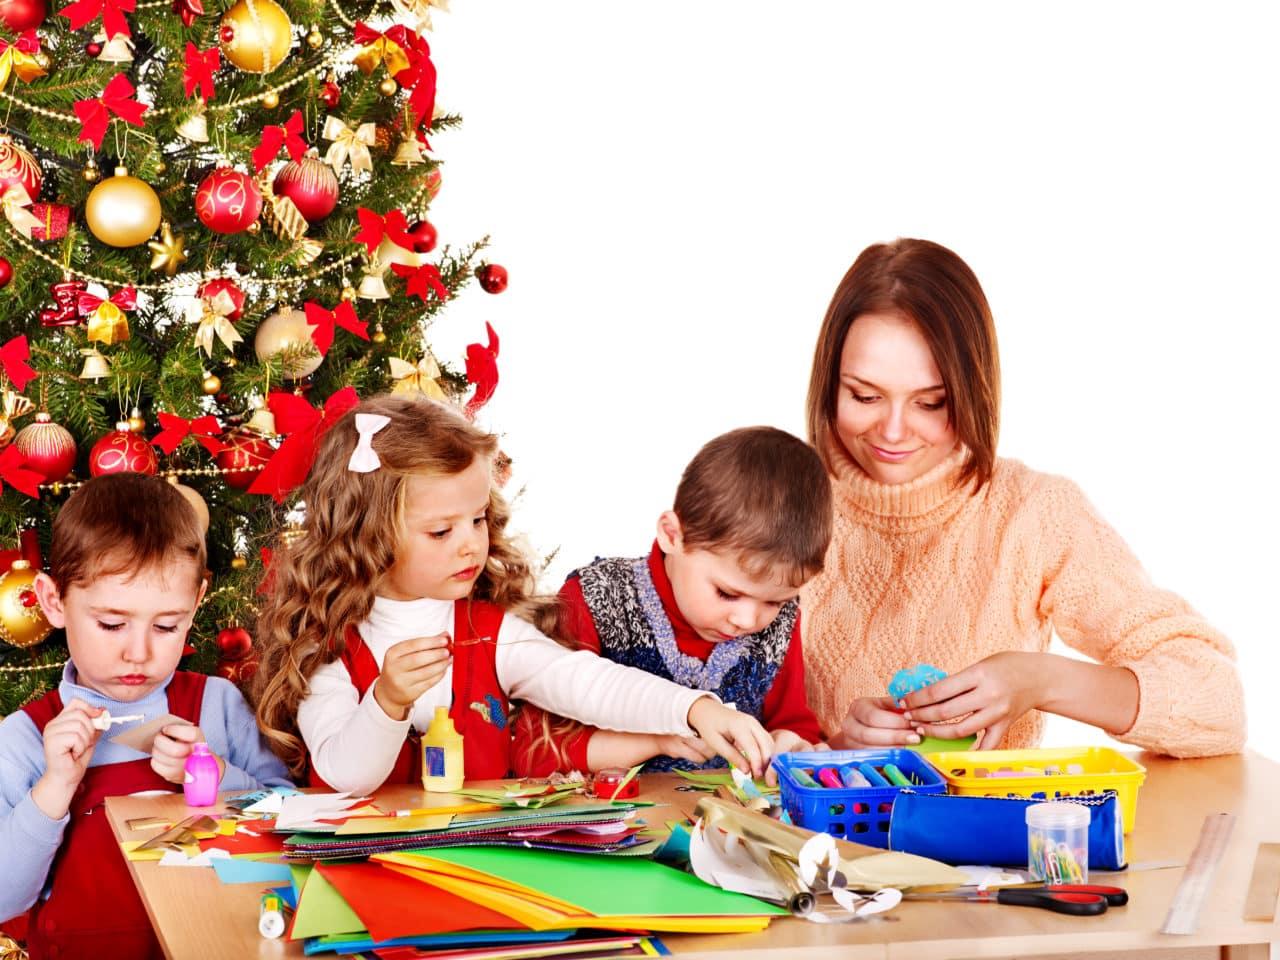 09/03/2018· quando il carnevale si avvicina è il momento per le maestre di cominciare a pensare ai possibili lavoretti da far fare ai piccoli dell'asilo nido per avere un ricordo della festività. 5 Lavoretti Per Il Natale Da Fare Con I Bambini Dell Asilo Nido Easynews